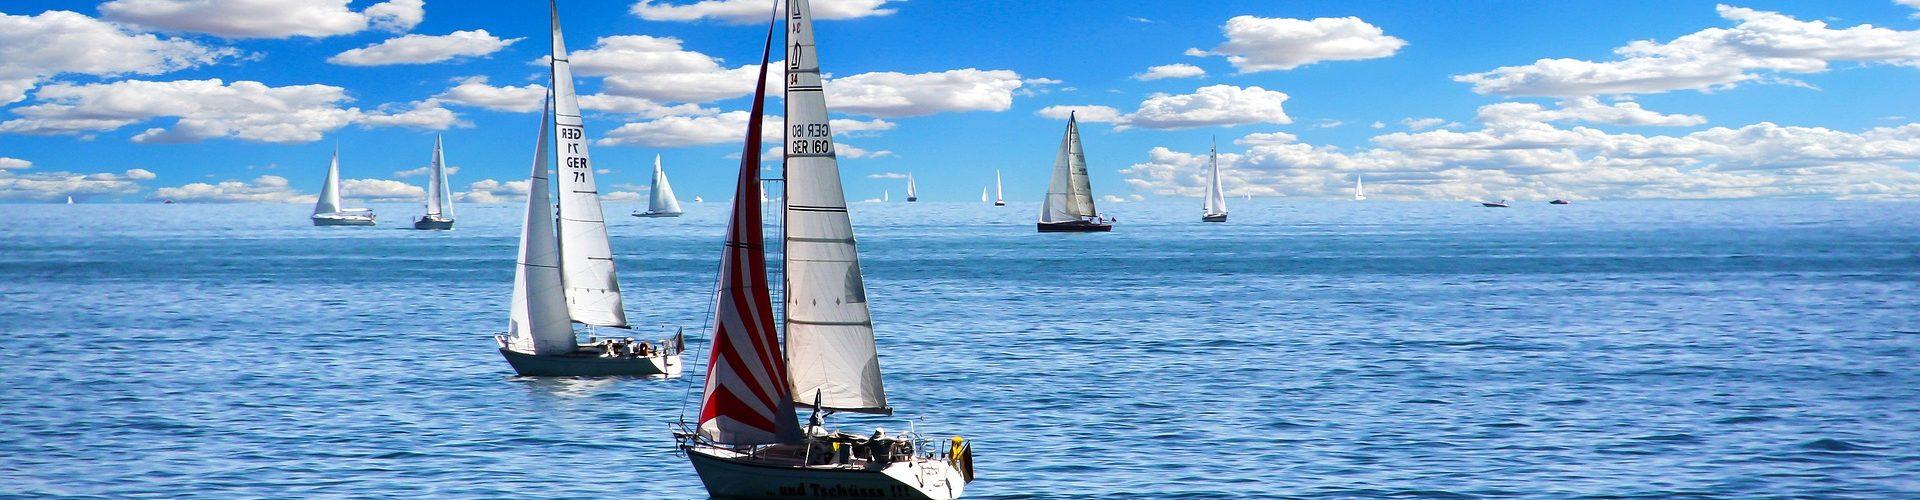 segeln lernen in Garching bei München segelschein machen in Garching bei München 1920x500 - Segeln lernen in Garching bei München